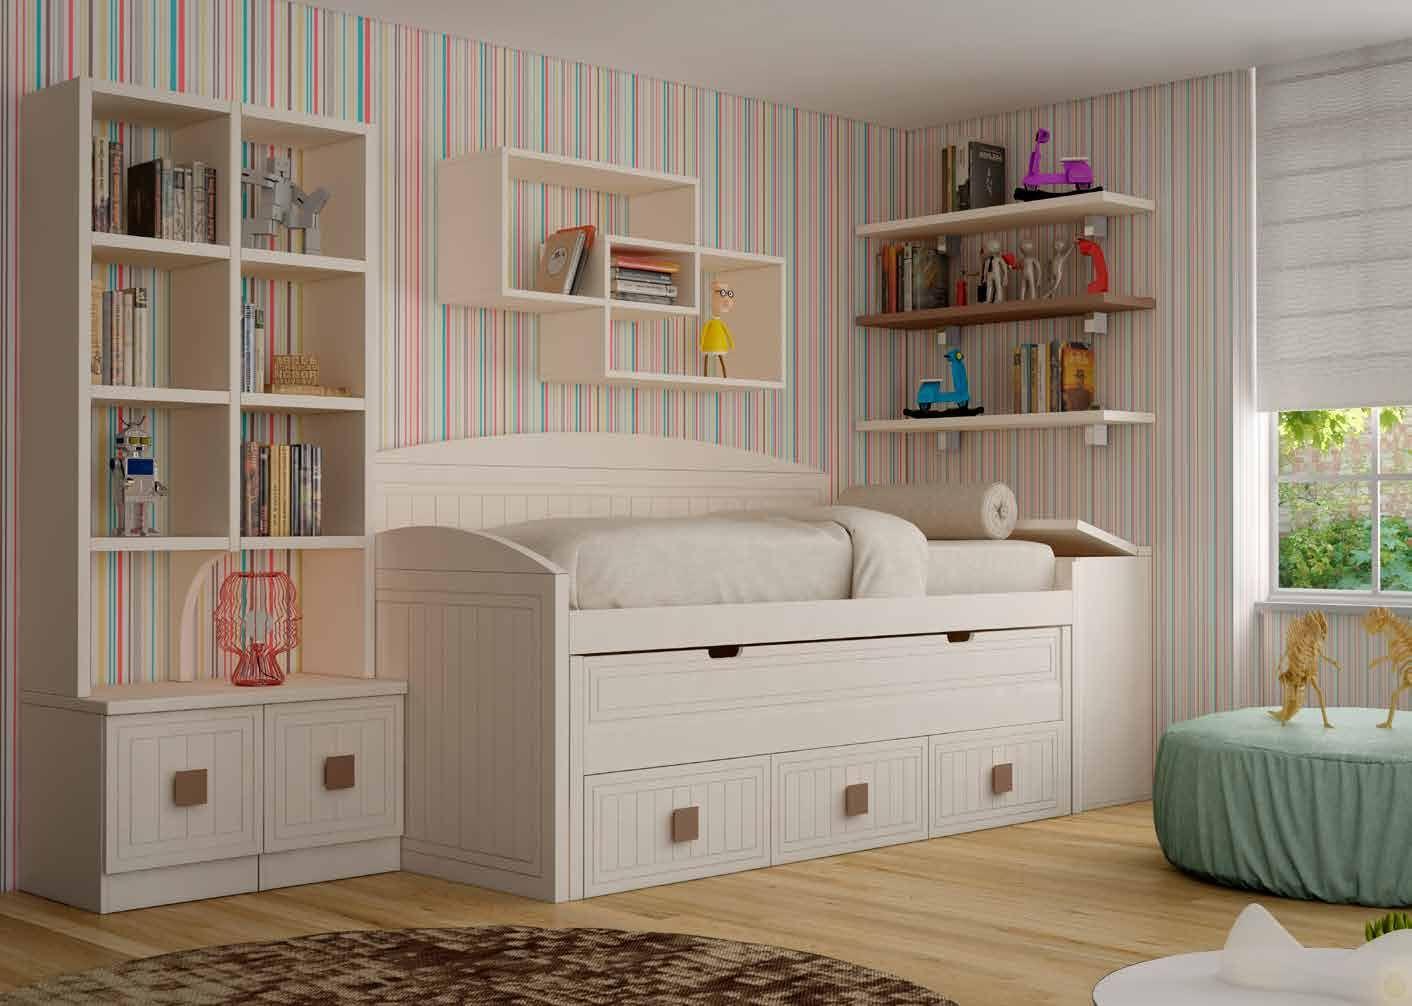 Dormitorio juvenil boreal 6 dlp mobiliario en 2019 - Muebles dormitorio juvenil ...